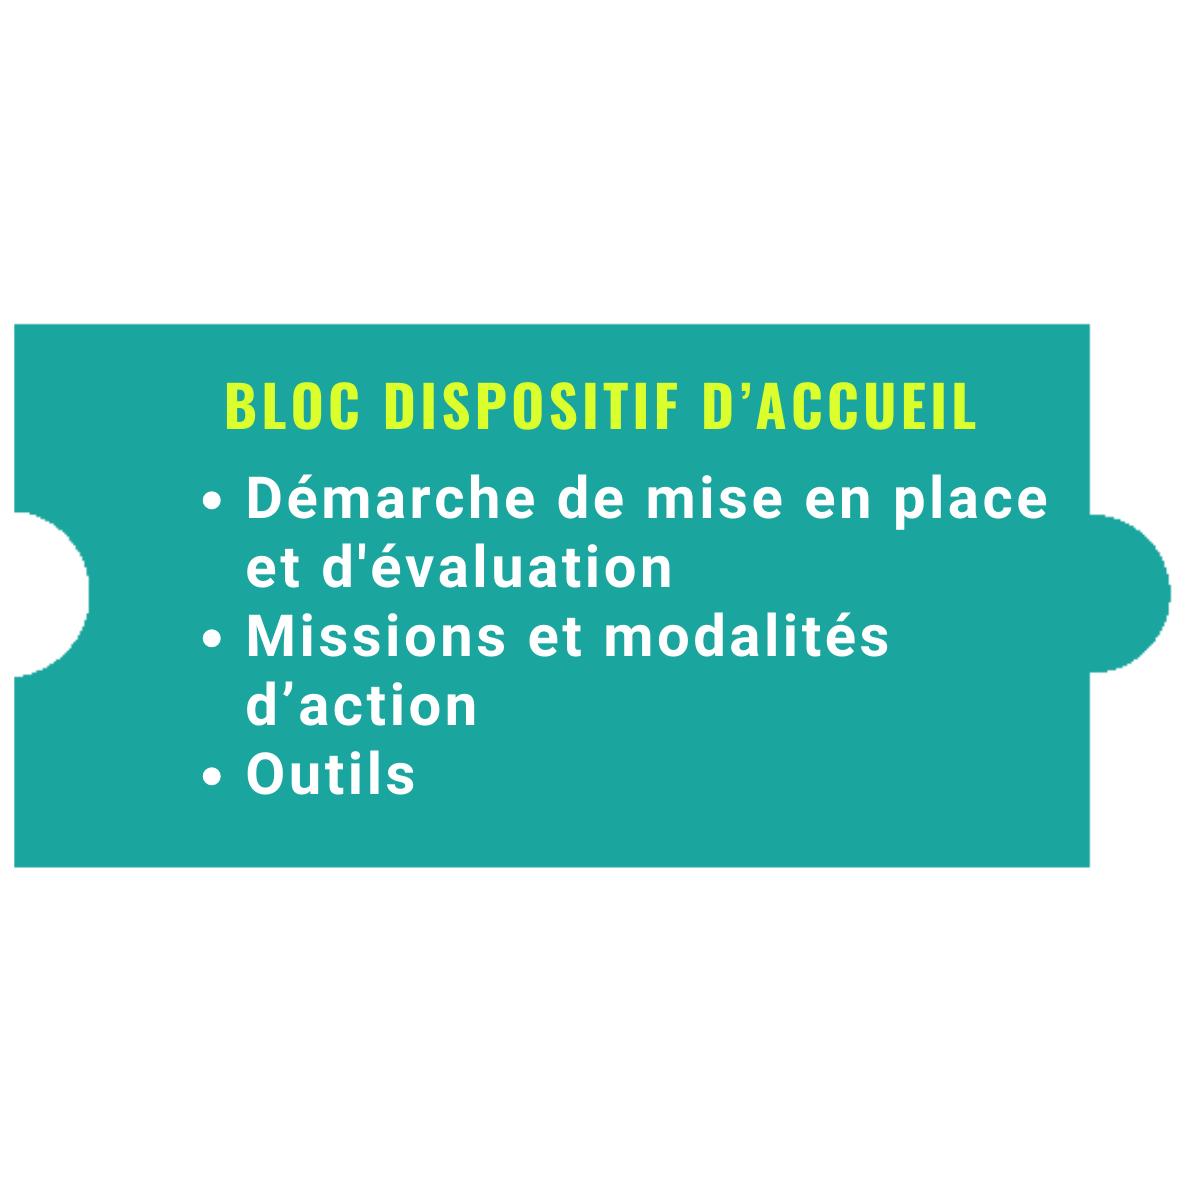 Bloc DISPOSITIF d'ACCUEIL